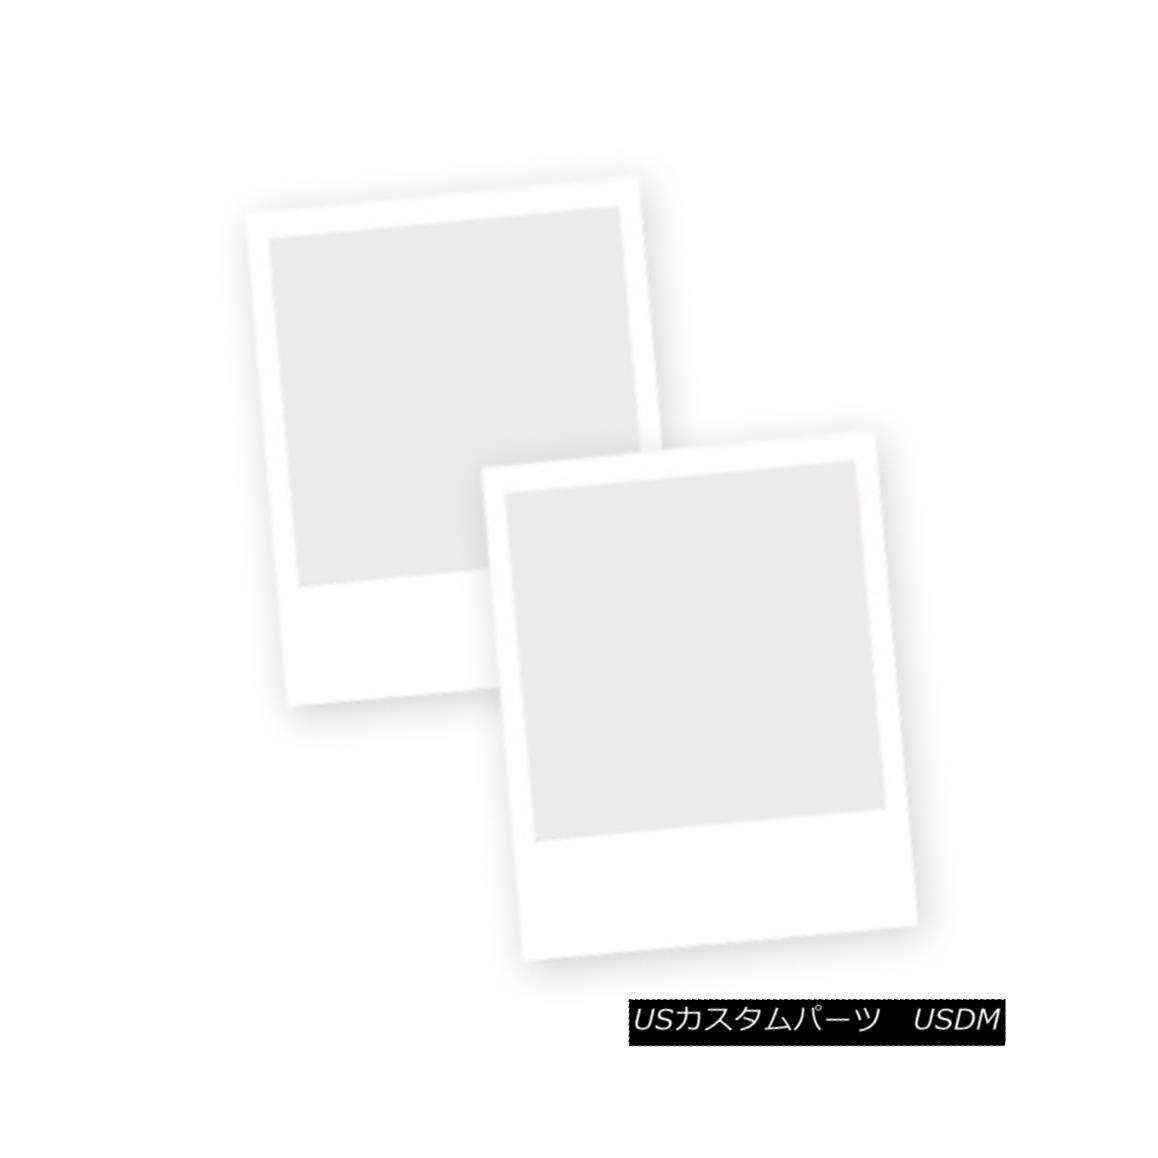 グリル For 2013-2016 Scion FR-S Bumper Billet Grille Insert Combo 2013-2016シオンFR-Sバンパービレットグリルインサートコンボ用